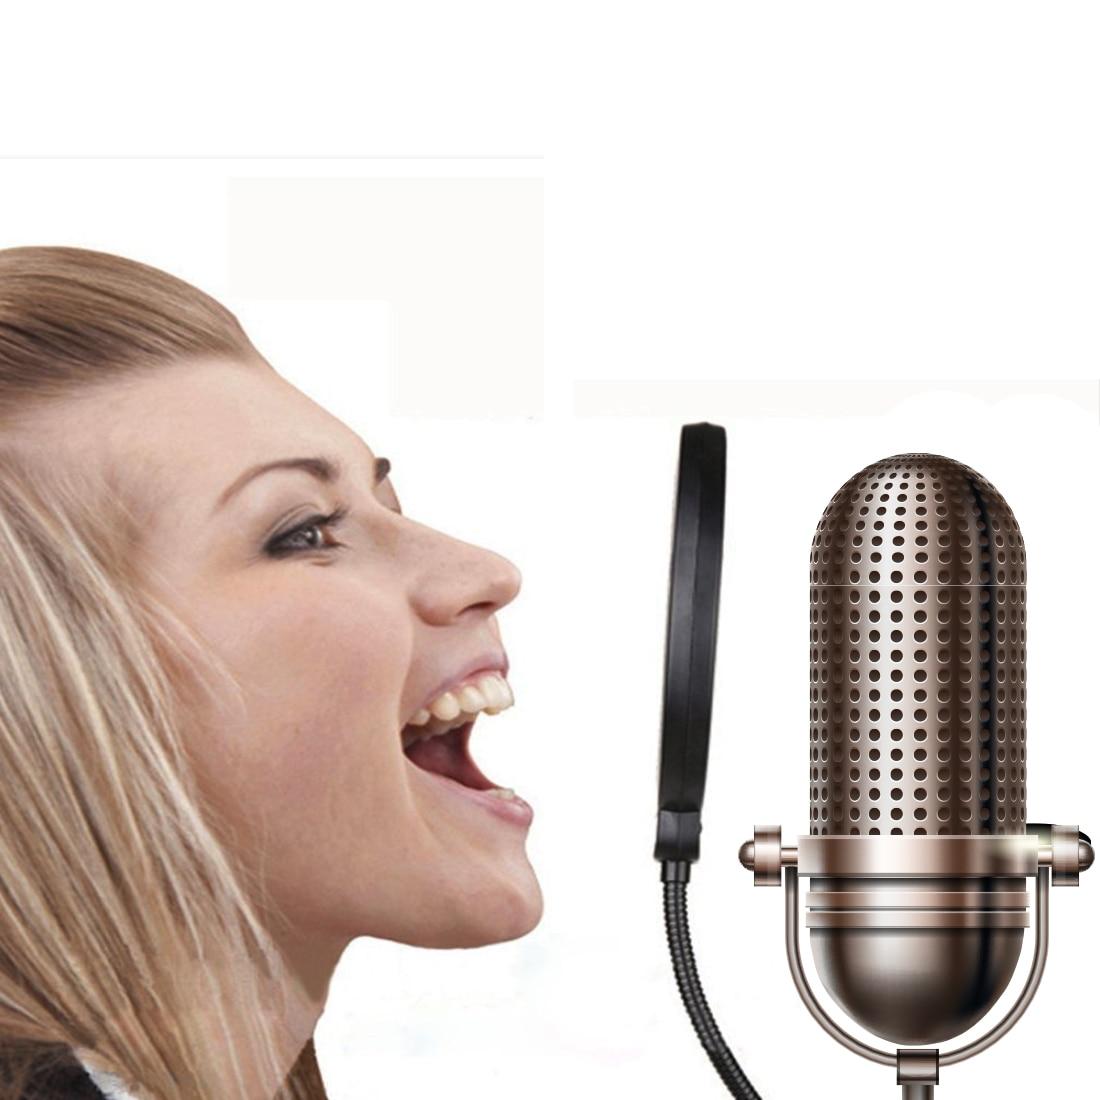 Actief Centechia Flexibele Zwanenhals Teruggeschrokken Filter Double Layer Studio Microfoon Mic Wind Screen Mask Microfoon Accessoires Ziekten Voorkomen En Genezen